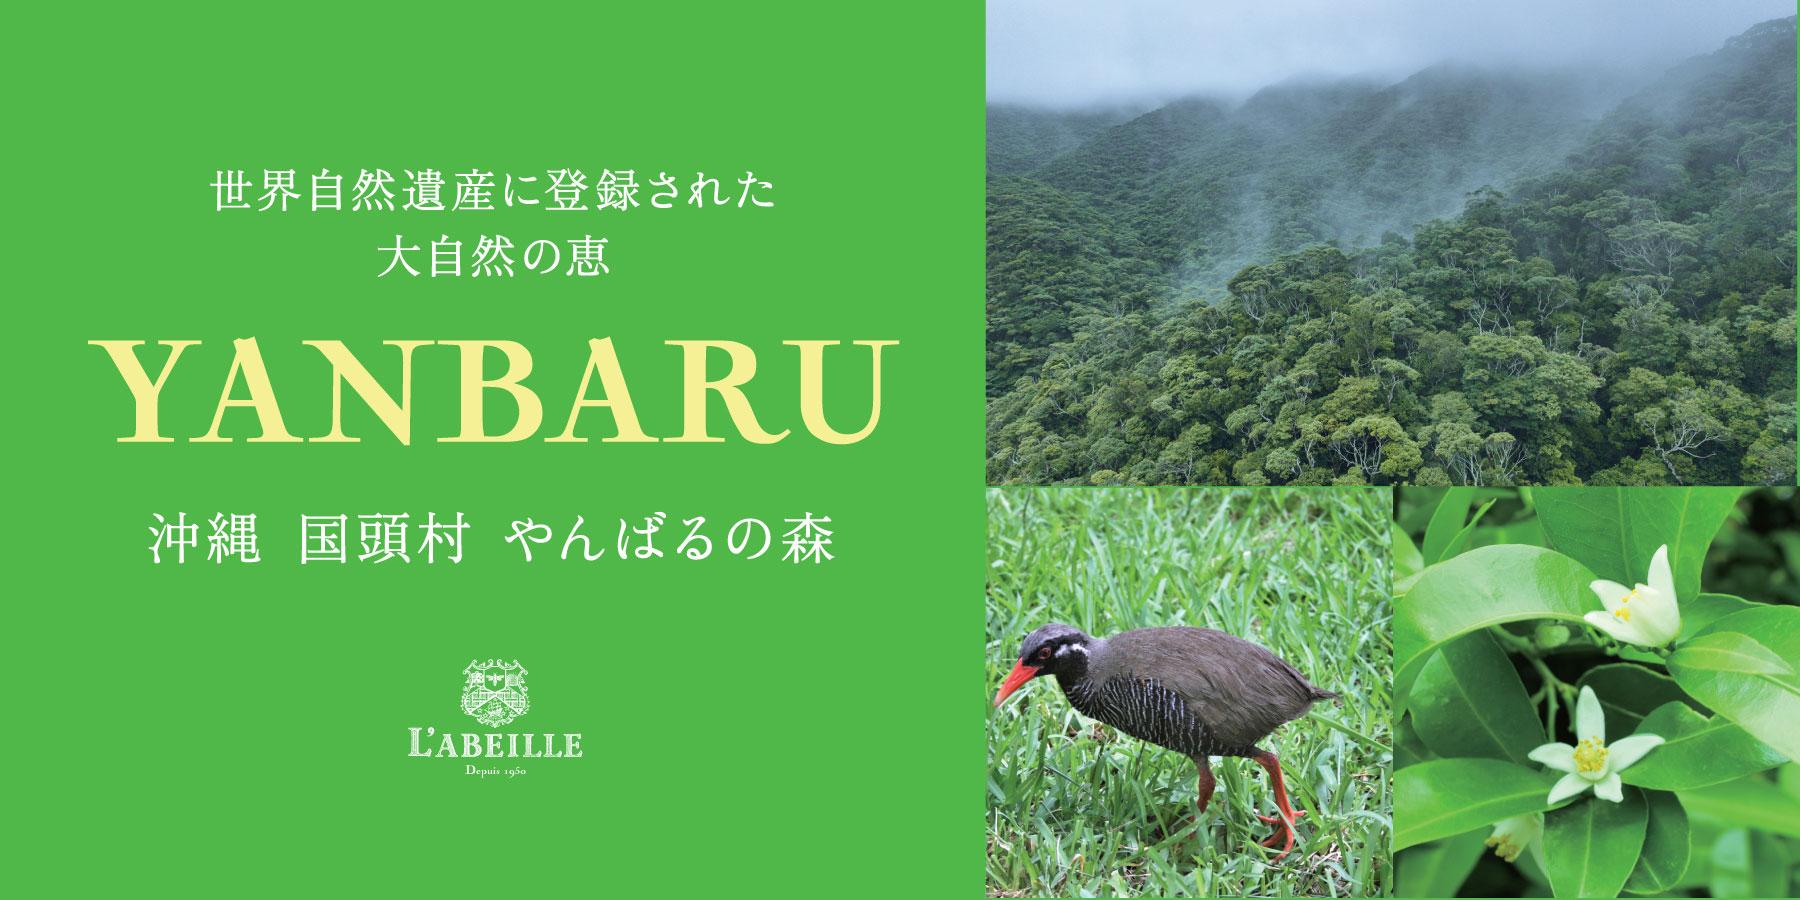 祝! 世界自然遺産登録 沖縄 国頭村「やんばるの森」のはちみつ発売